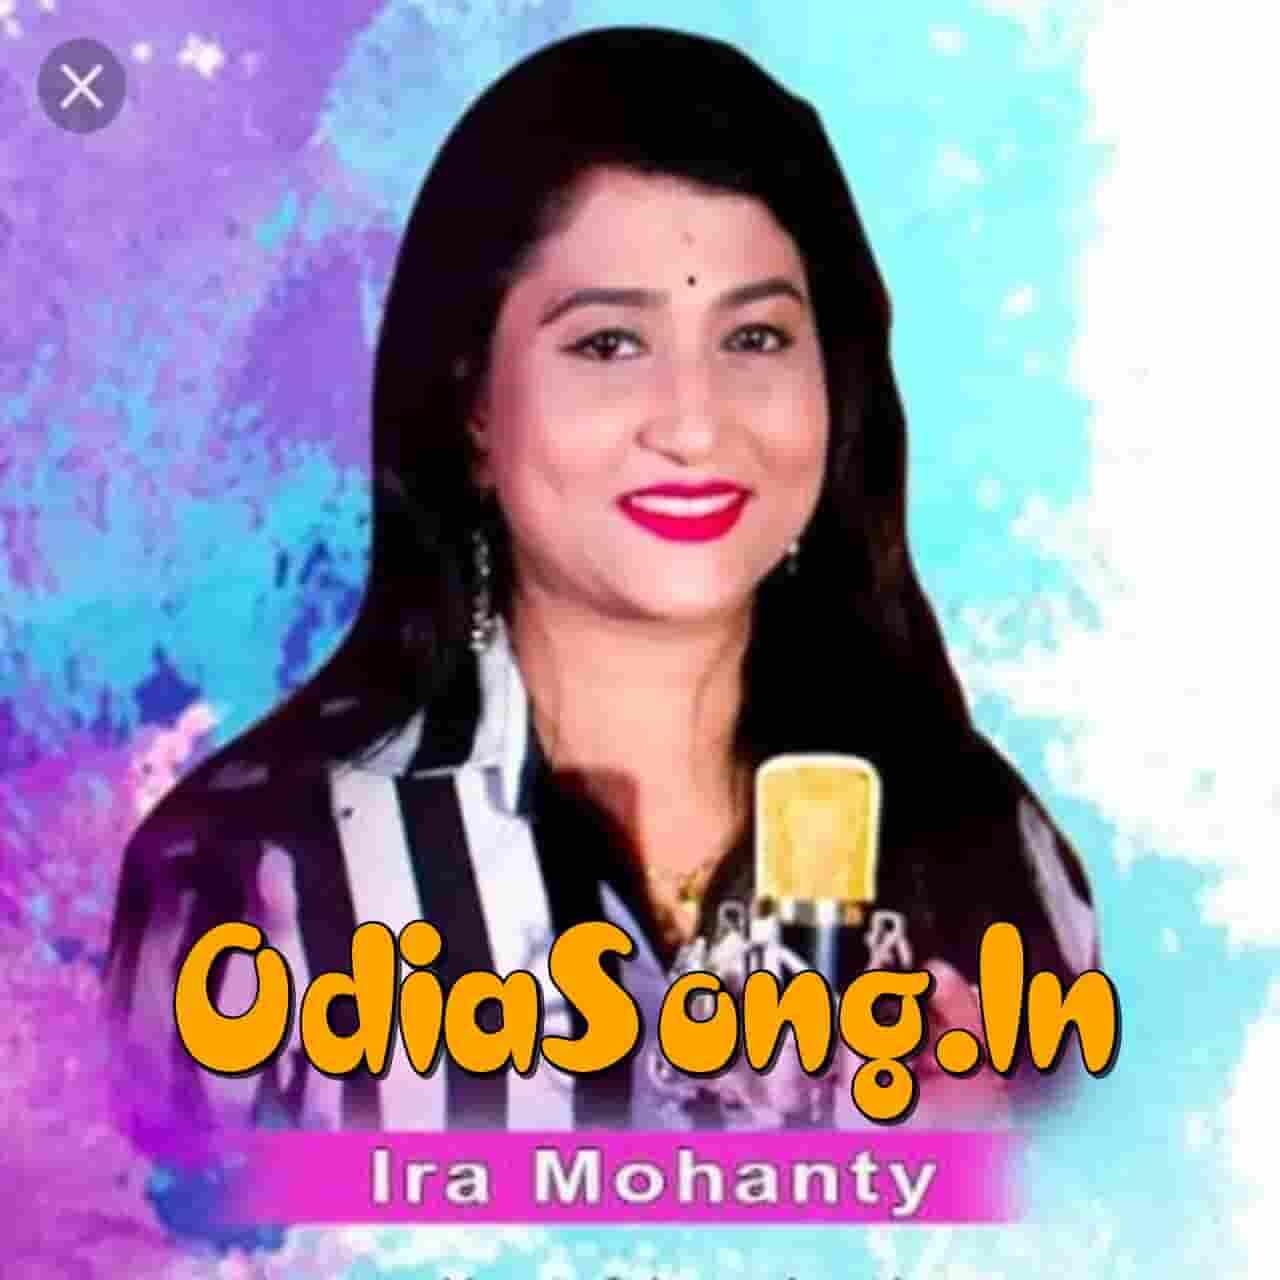 Mana Sara - Odia Romantic Song By Ira Mohanty, Shasank